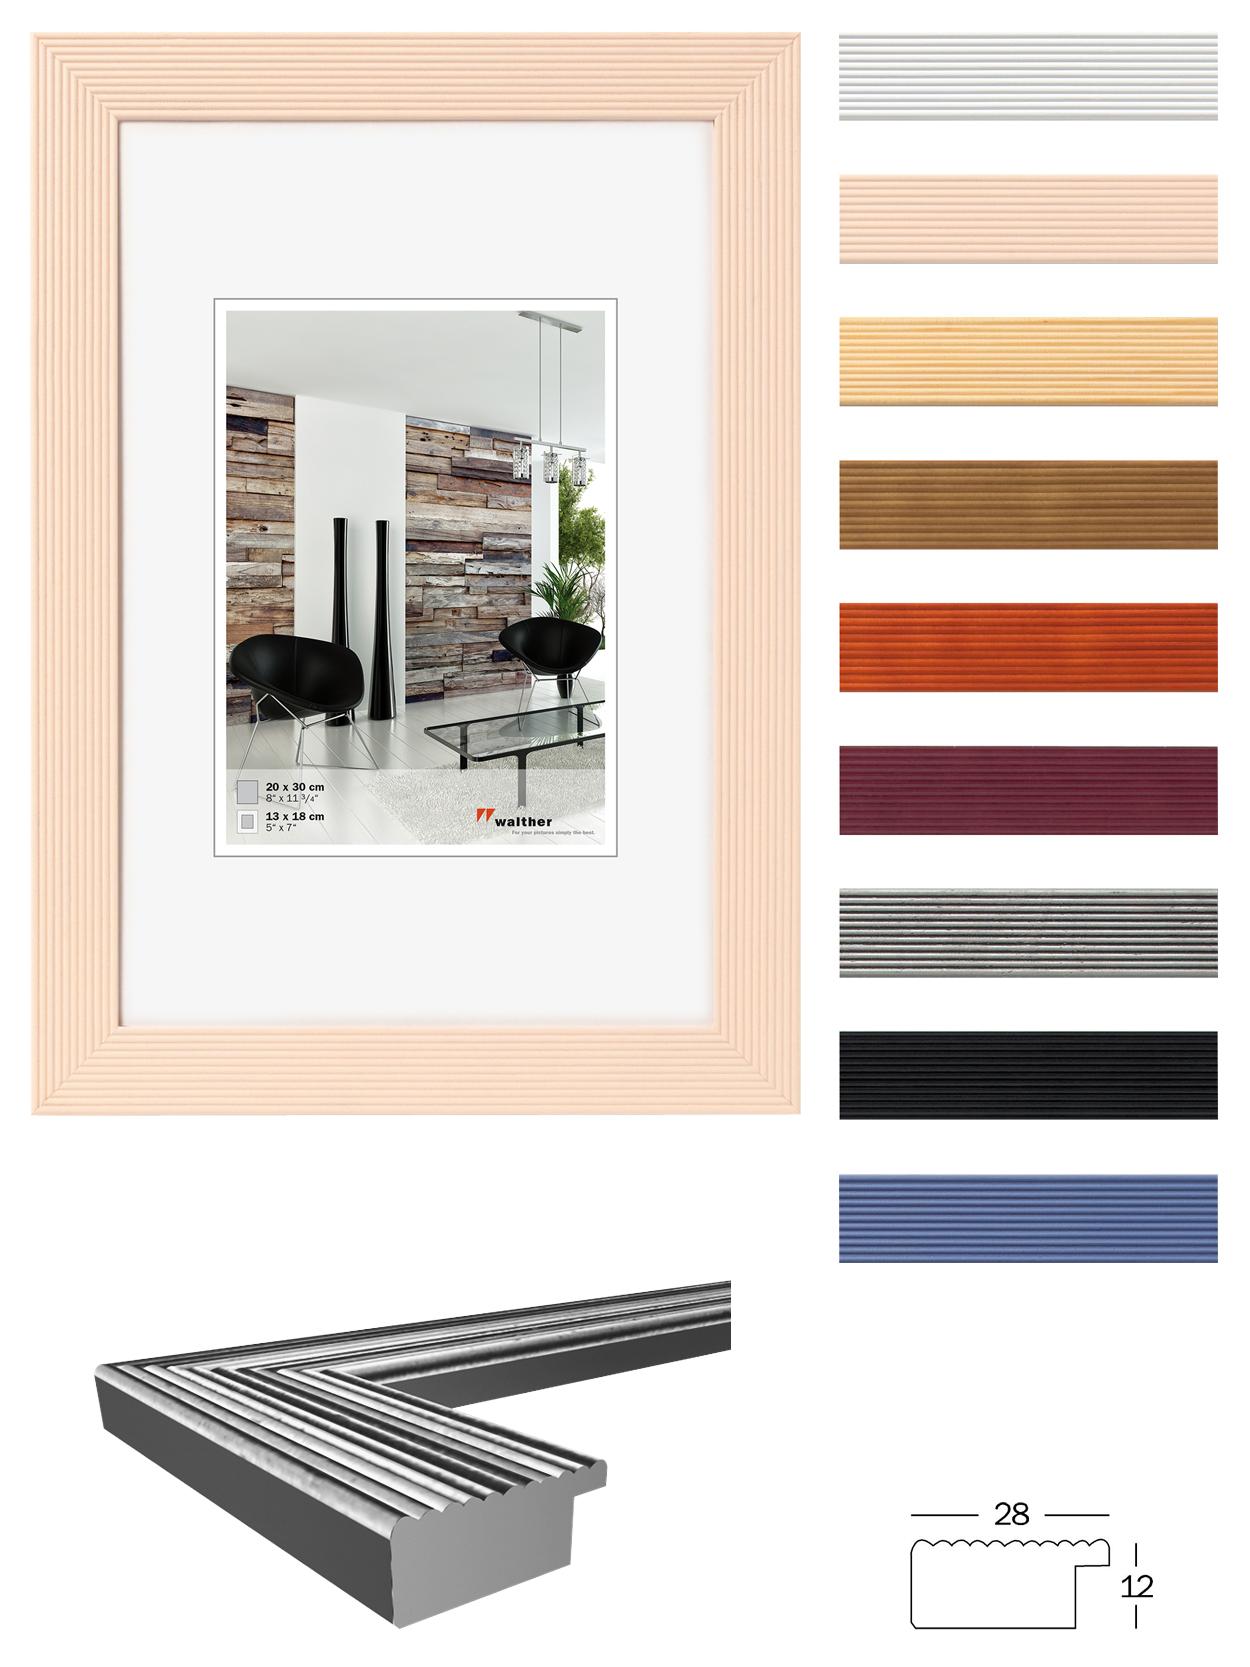 grado holz bilderrrahmen von walther design bilderrahmenwerk. Black Bedroom Furniture Sets. Home Design Ideas